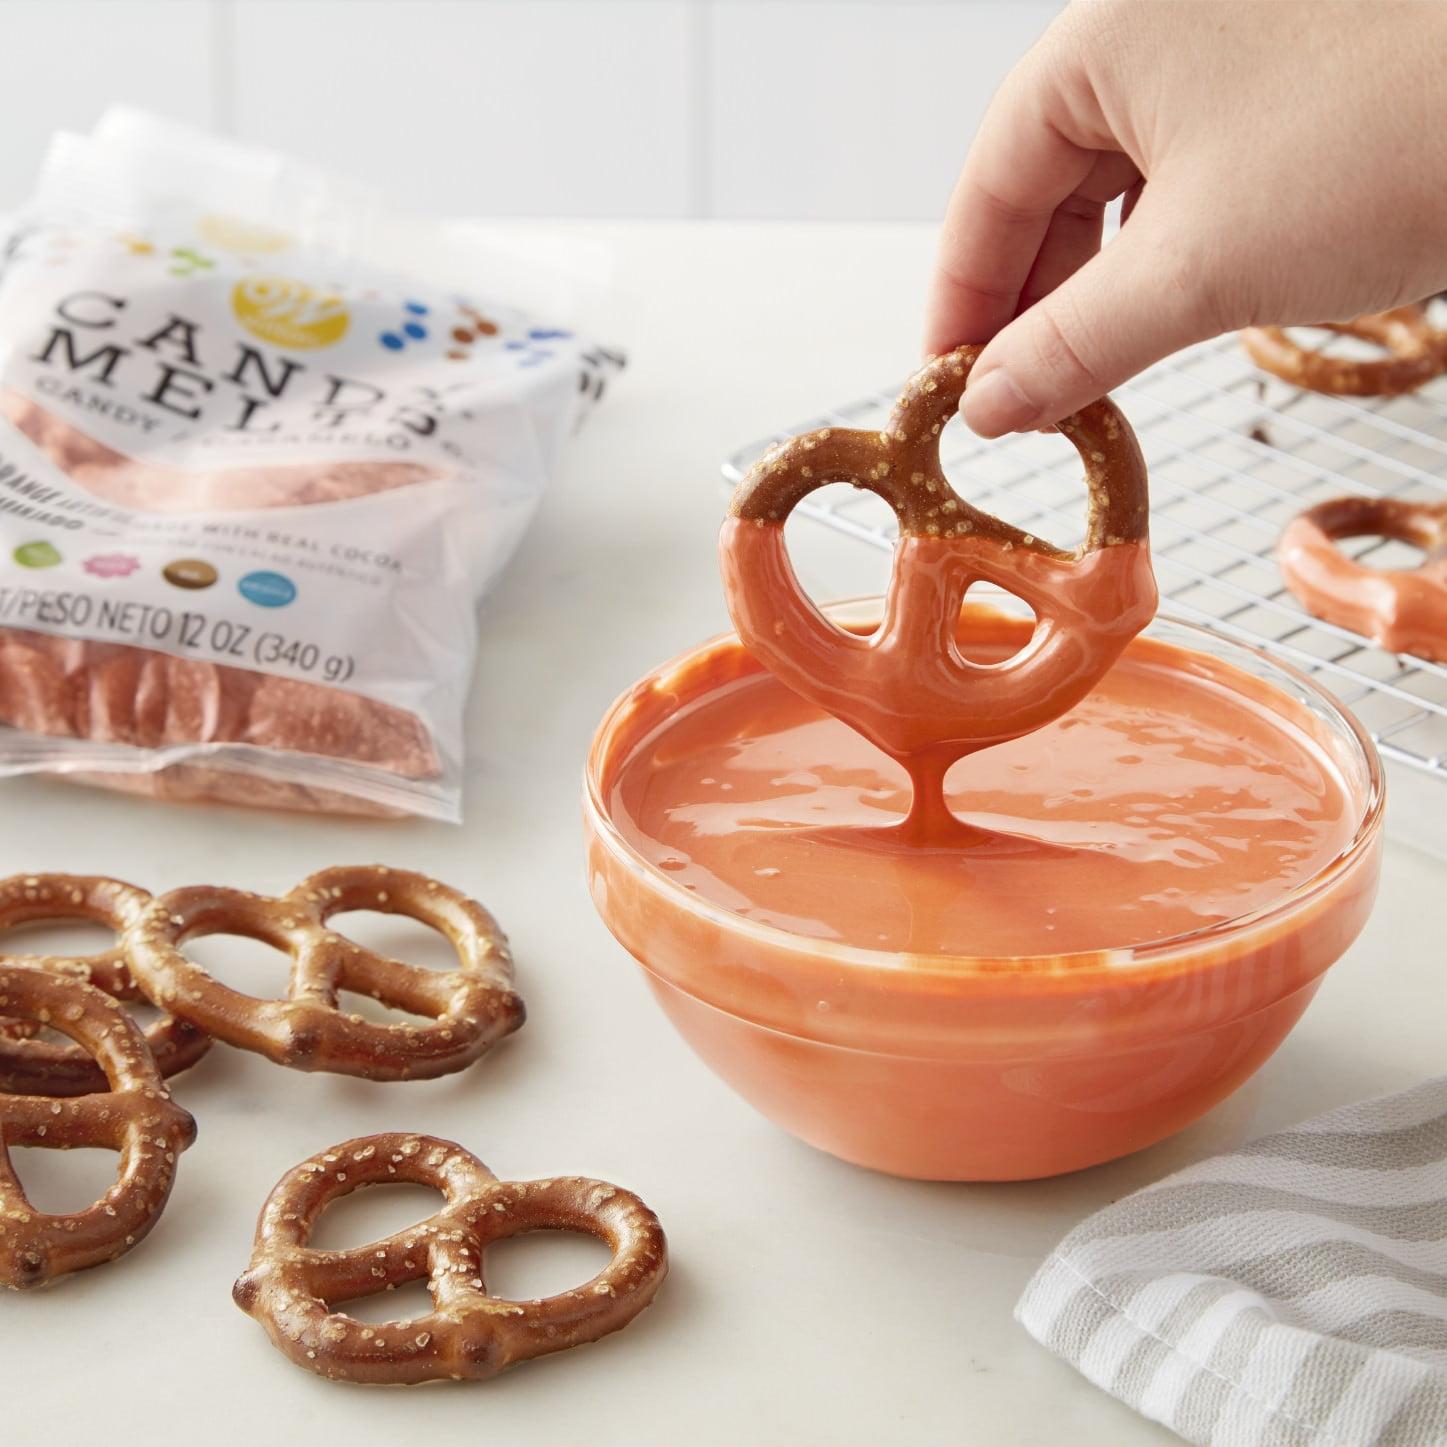 Wilton Orange Candy Melts Candy 12 oz Walmart